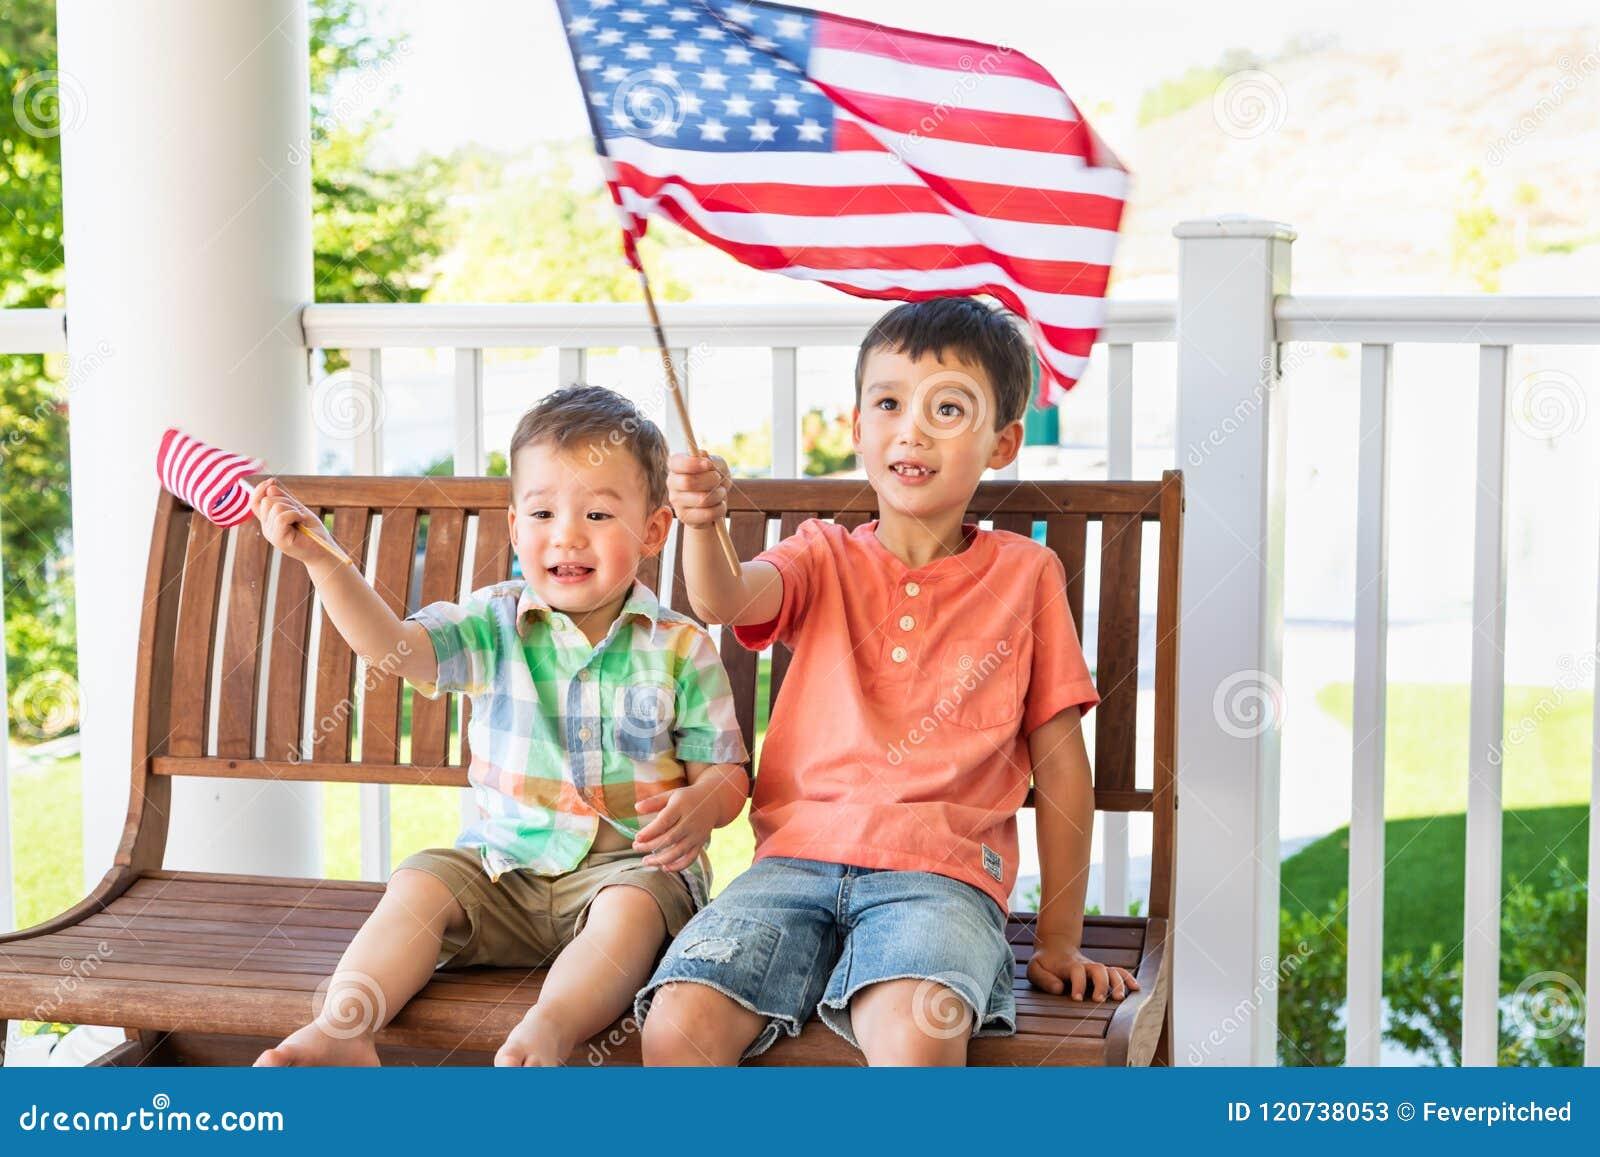 Jogo caucasiano chinês bonito dos irmãos da raça misturada com bandeiras americanas